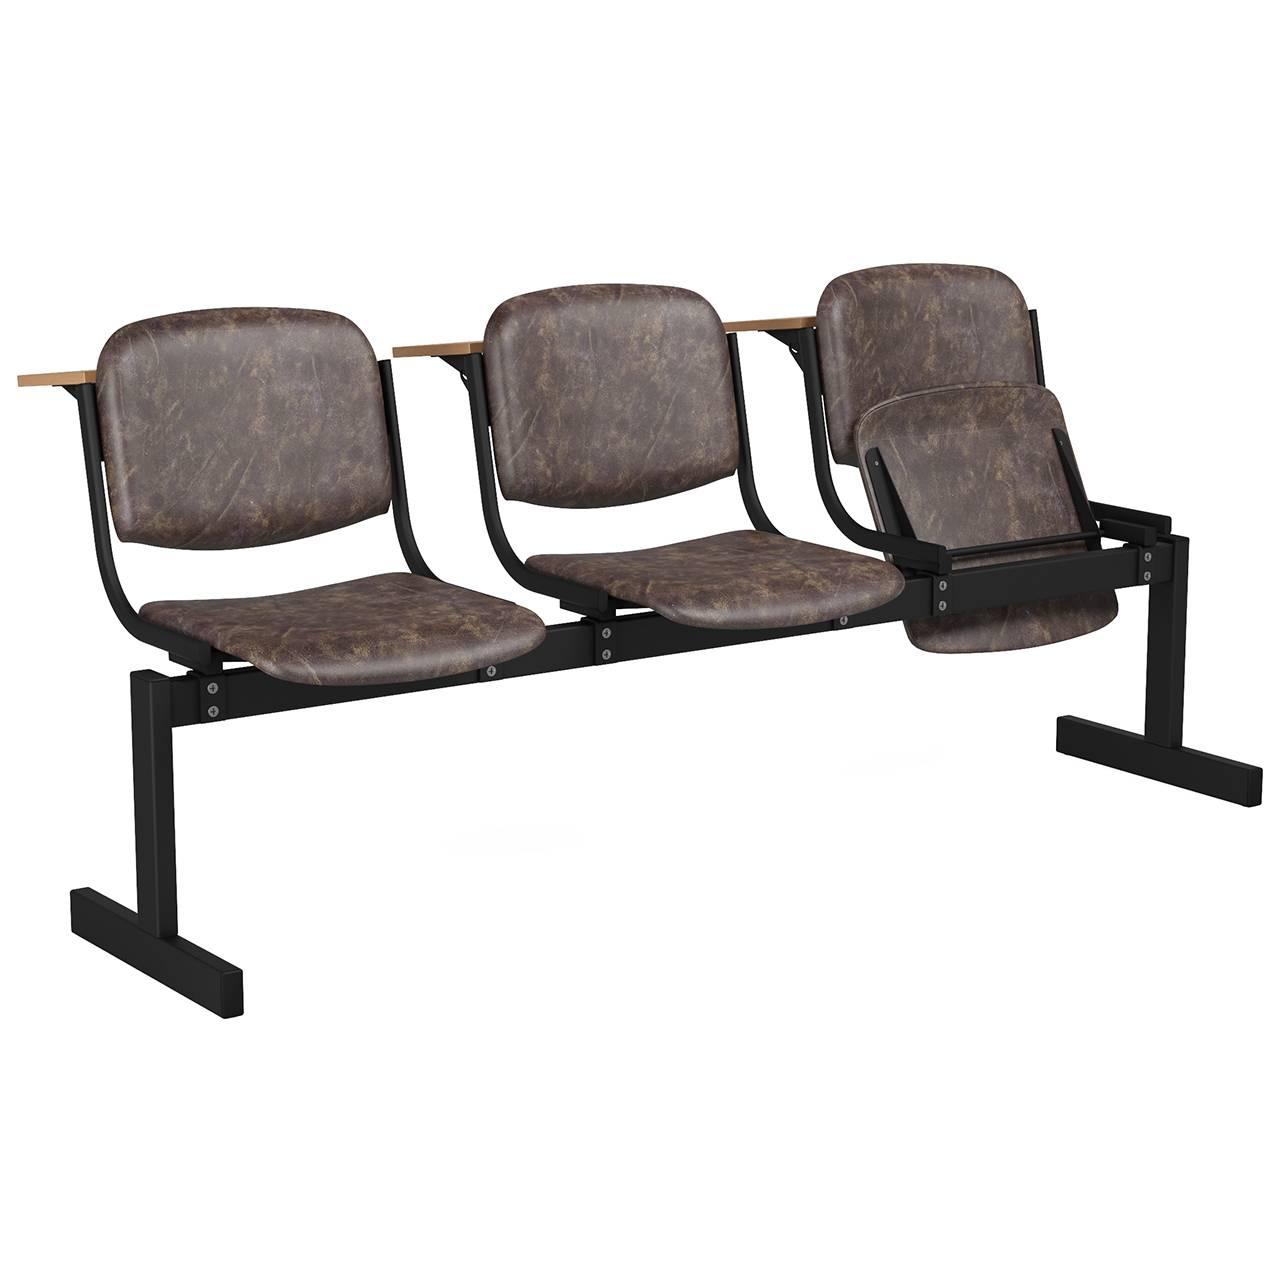 3-местный, откидывающиеся сиденья, мягкий, лекционный черный коричневый Кожзаменитель